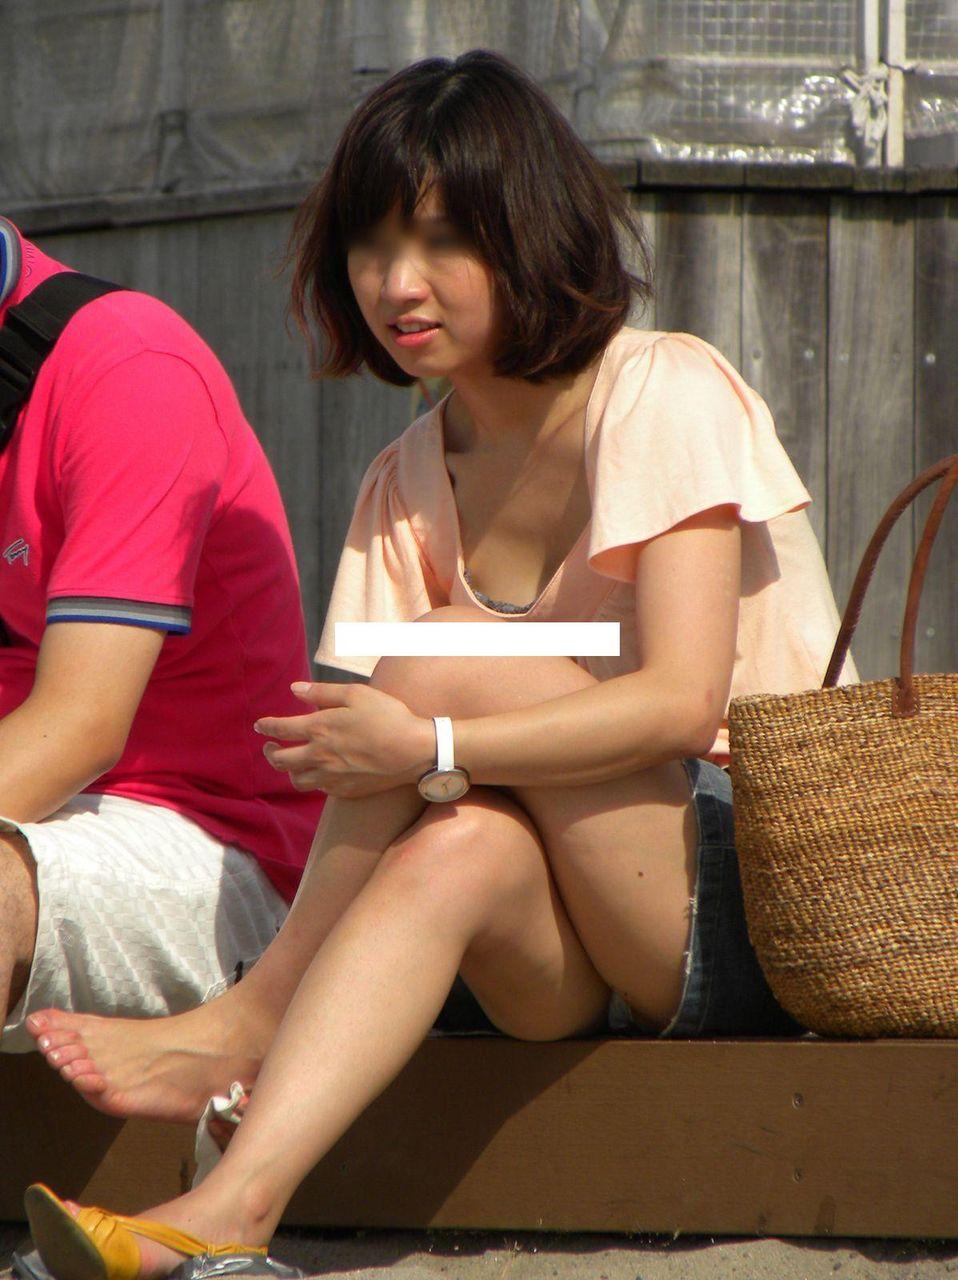 【パンチラエロ画像】ムレた股間の正面が丸見えwそれでいいのかしゃがみ・座りパンチラ女子たちよwww  13